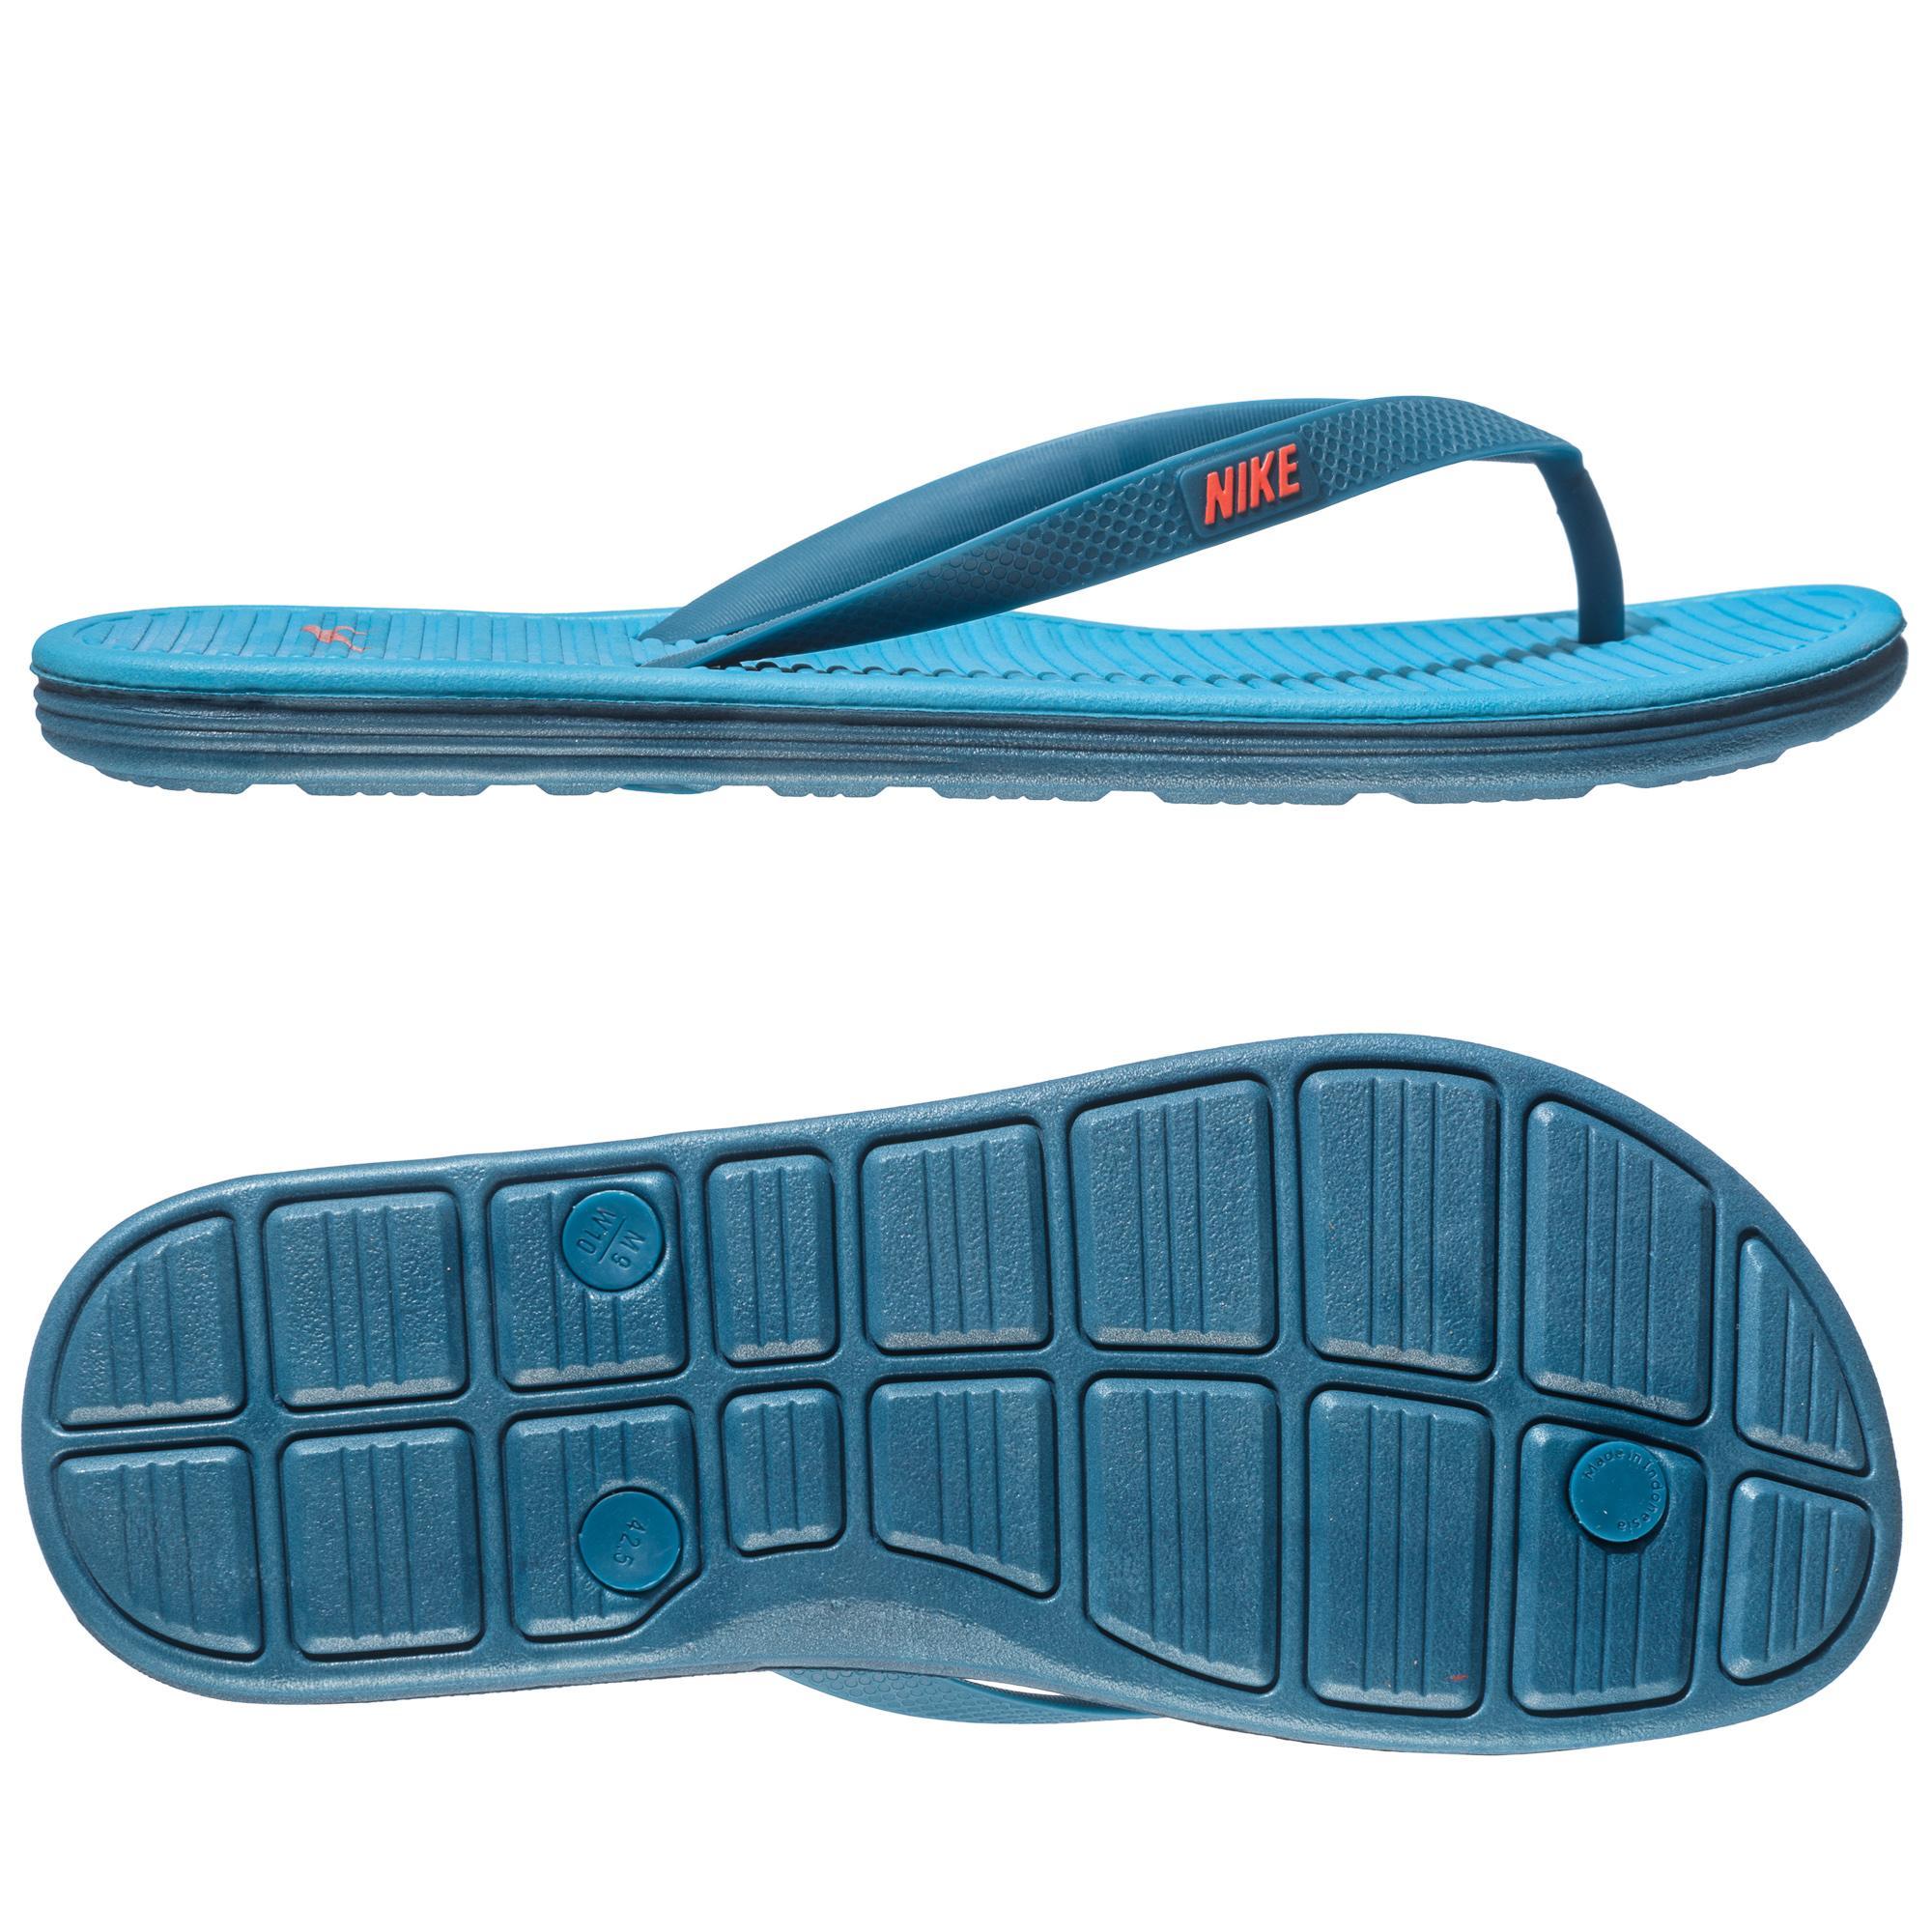 new concept d4e7b 556de Nike Badtofflor Solarsoft Thong 2 Blå Orange